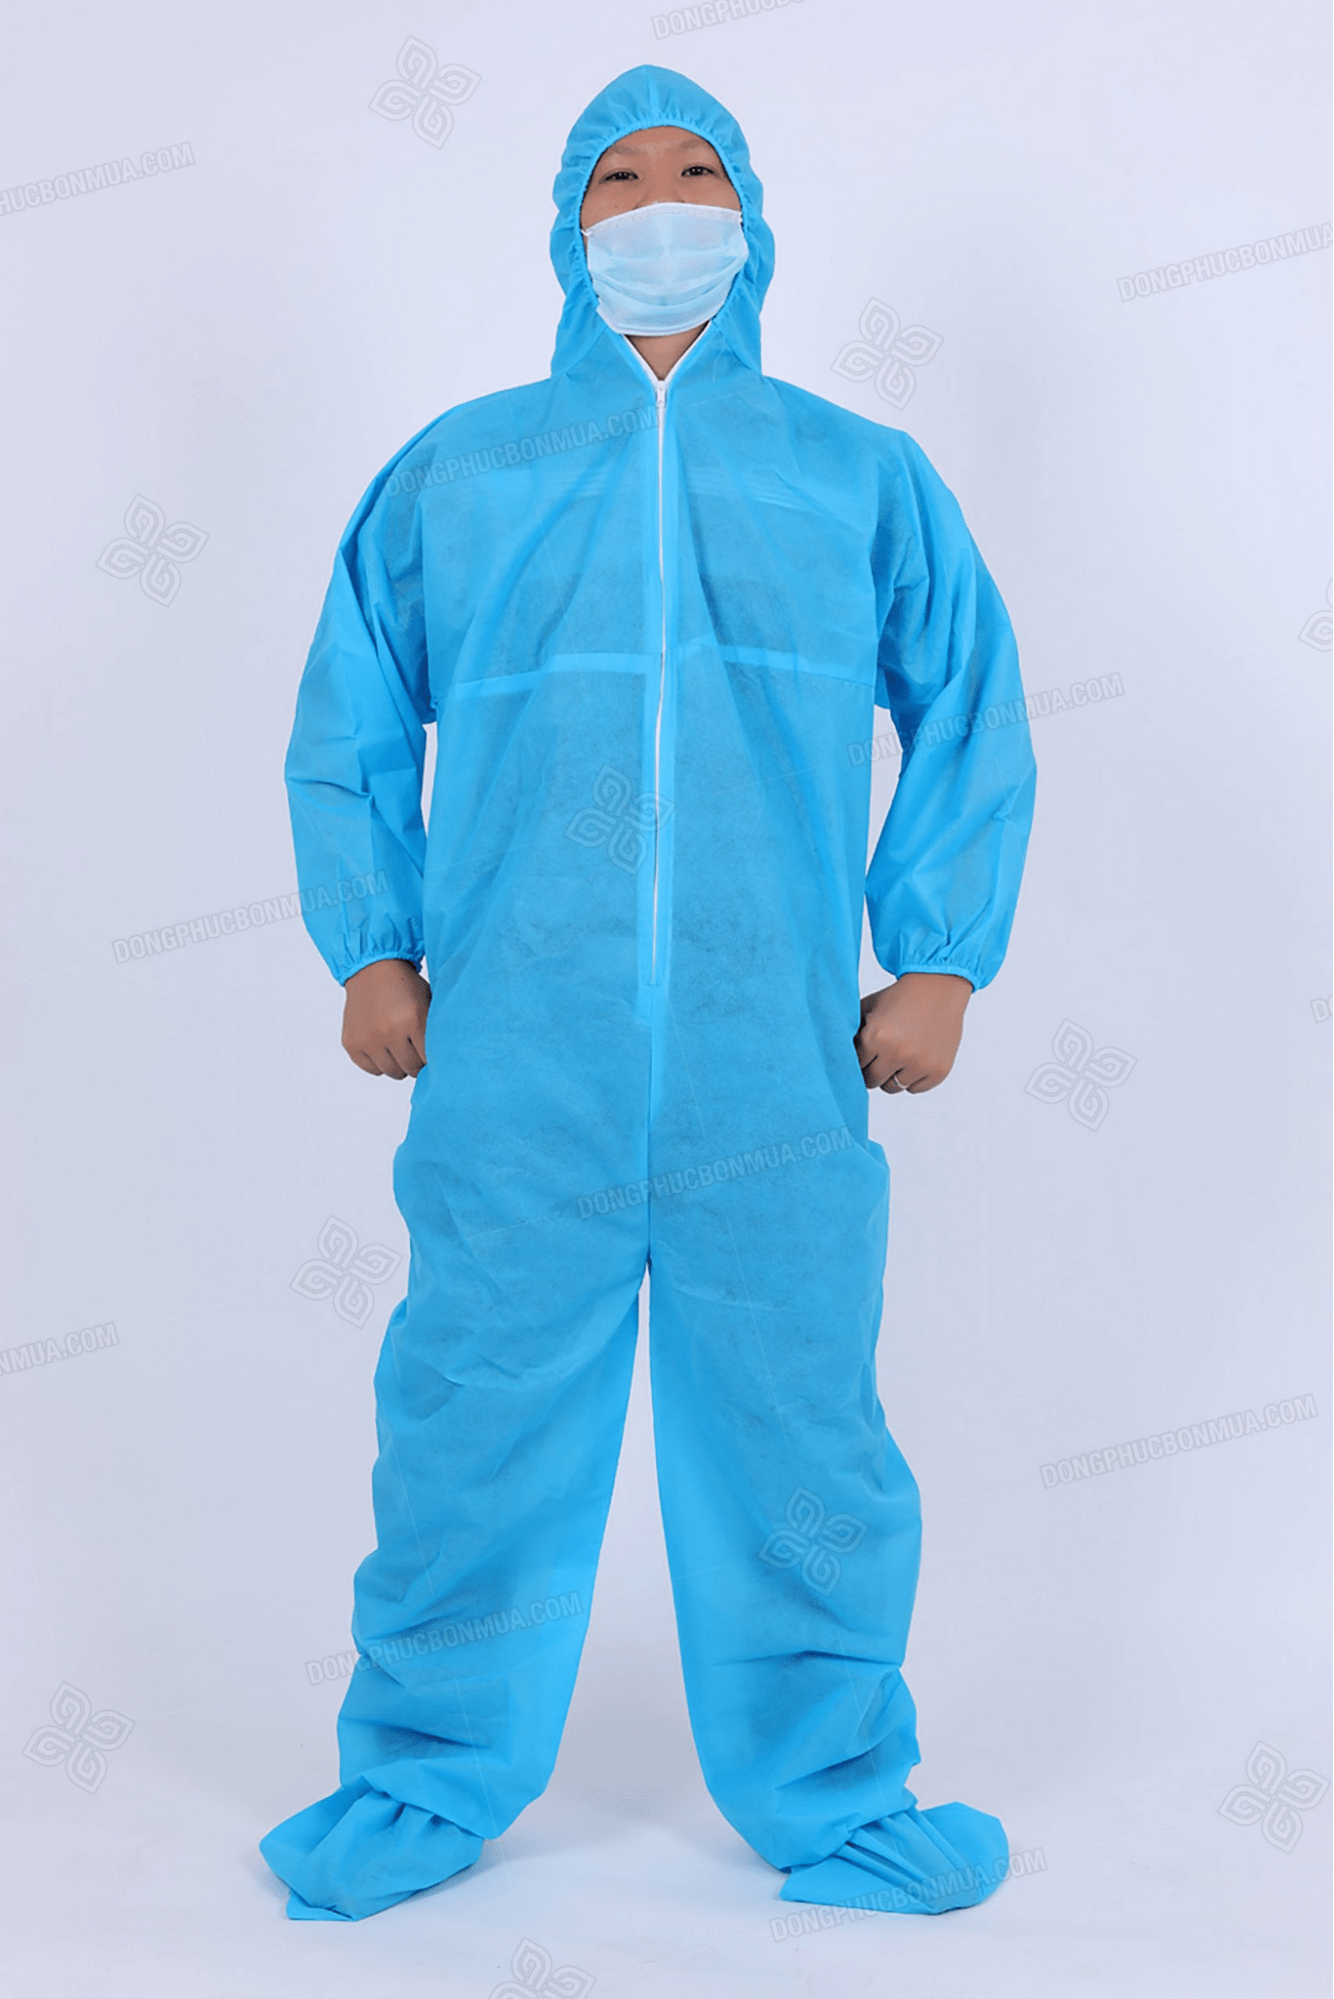 đồng phục bảo hộ y tế